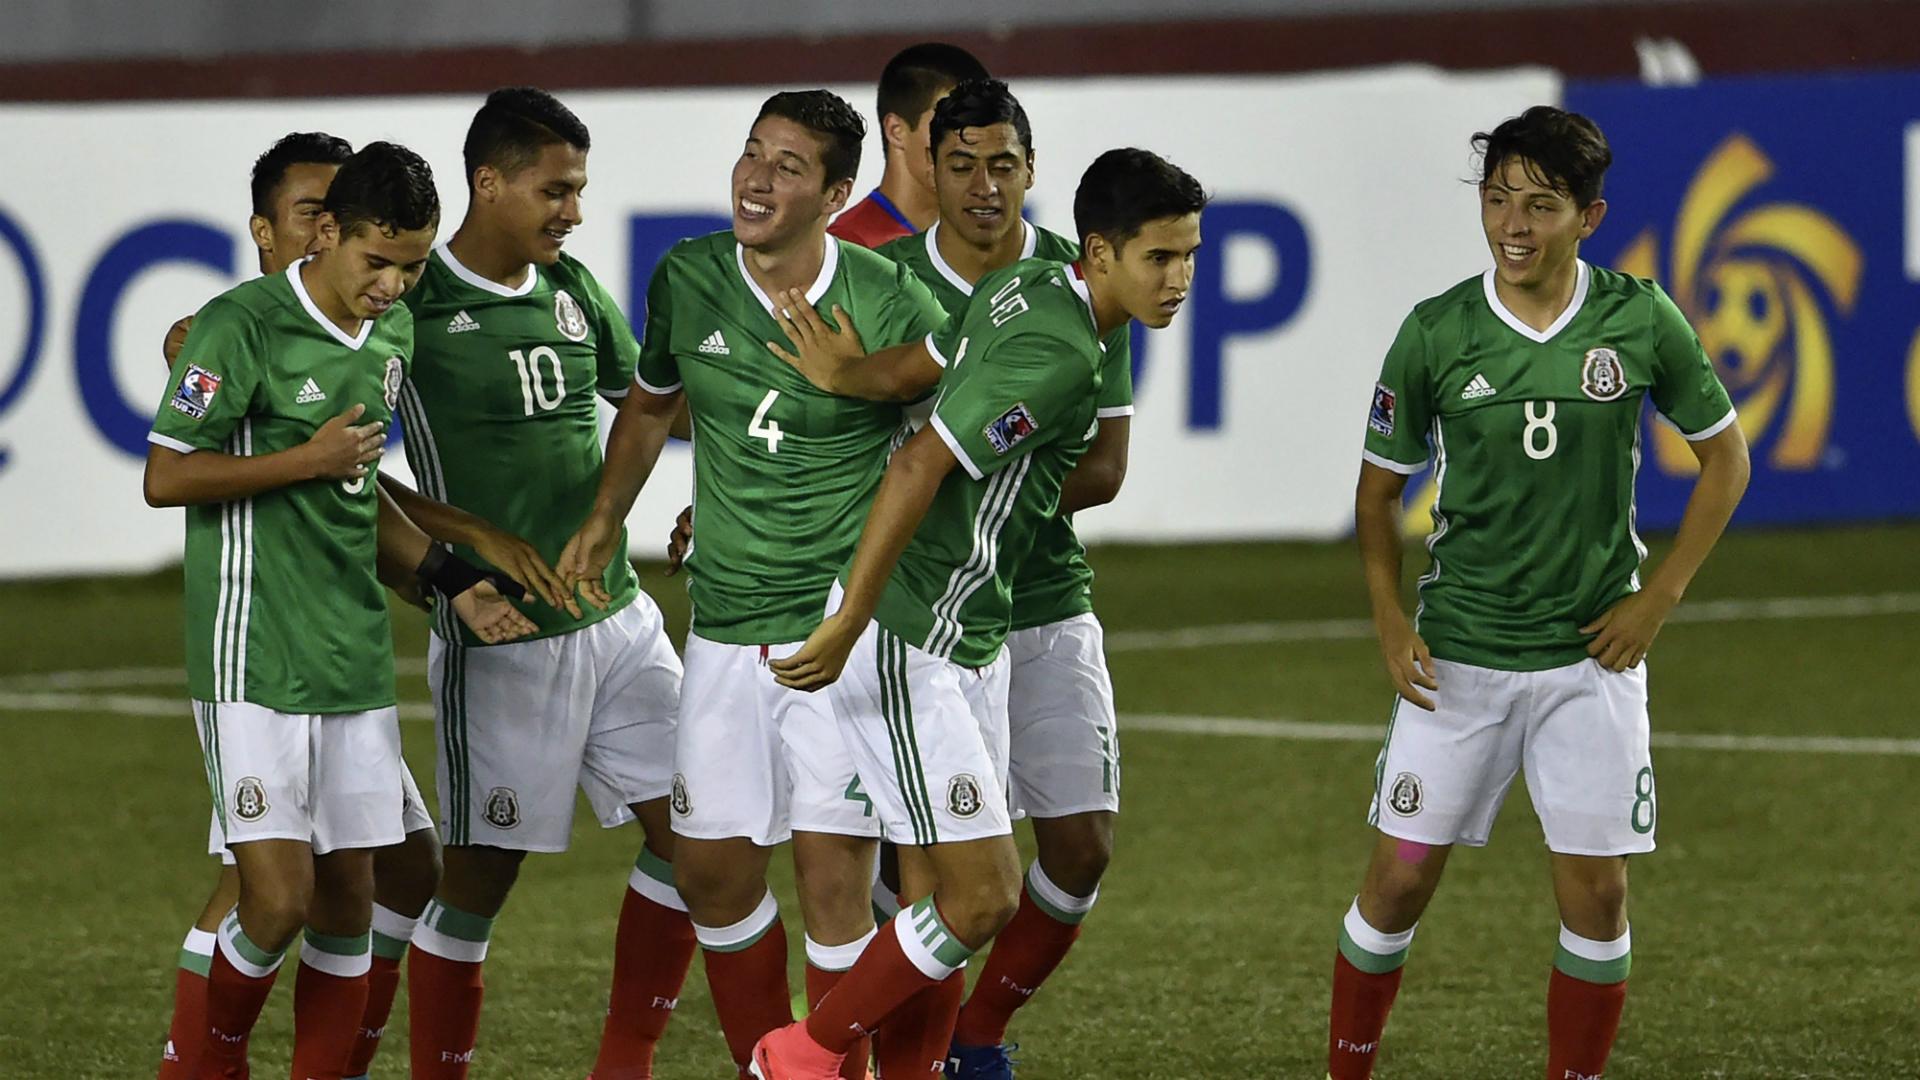 Mexico U-17 2017